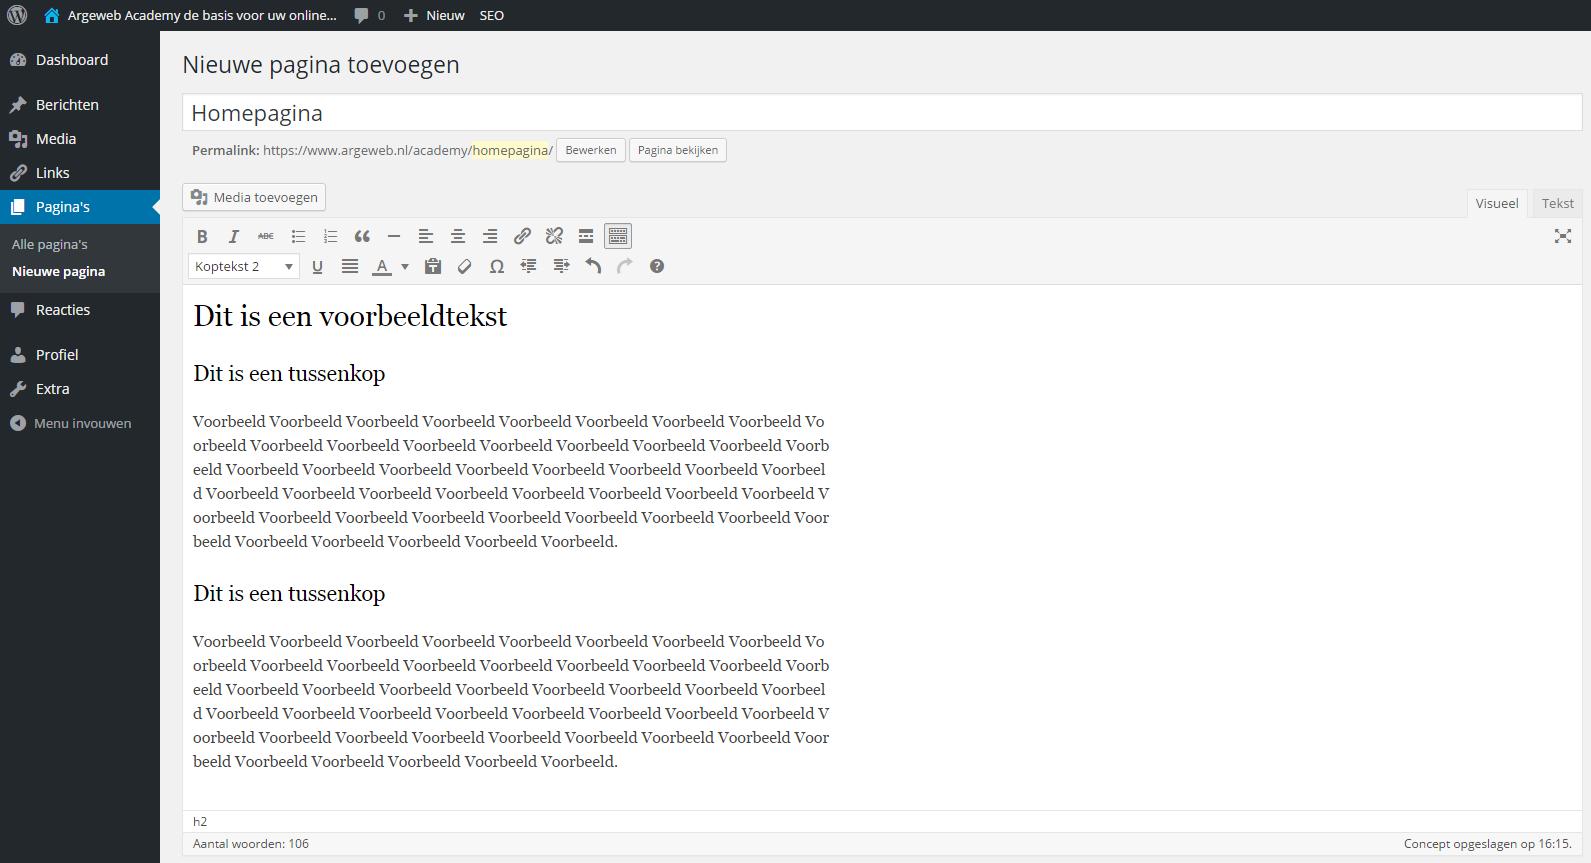 Alle tussenkoppen toegevoegd WordPress tekst